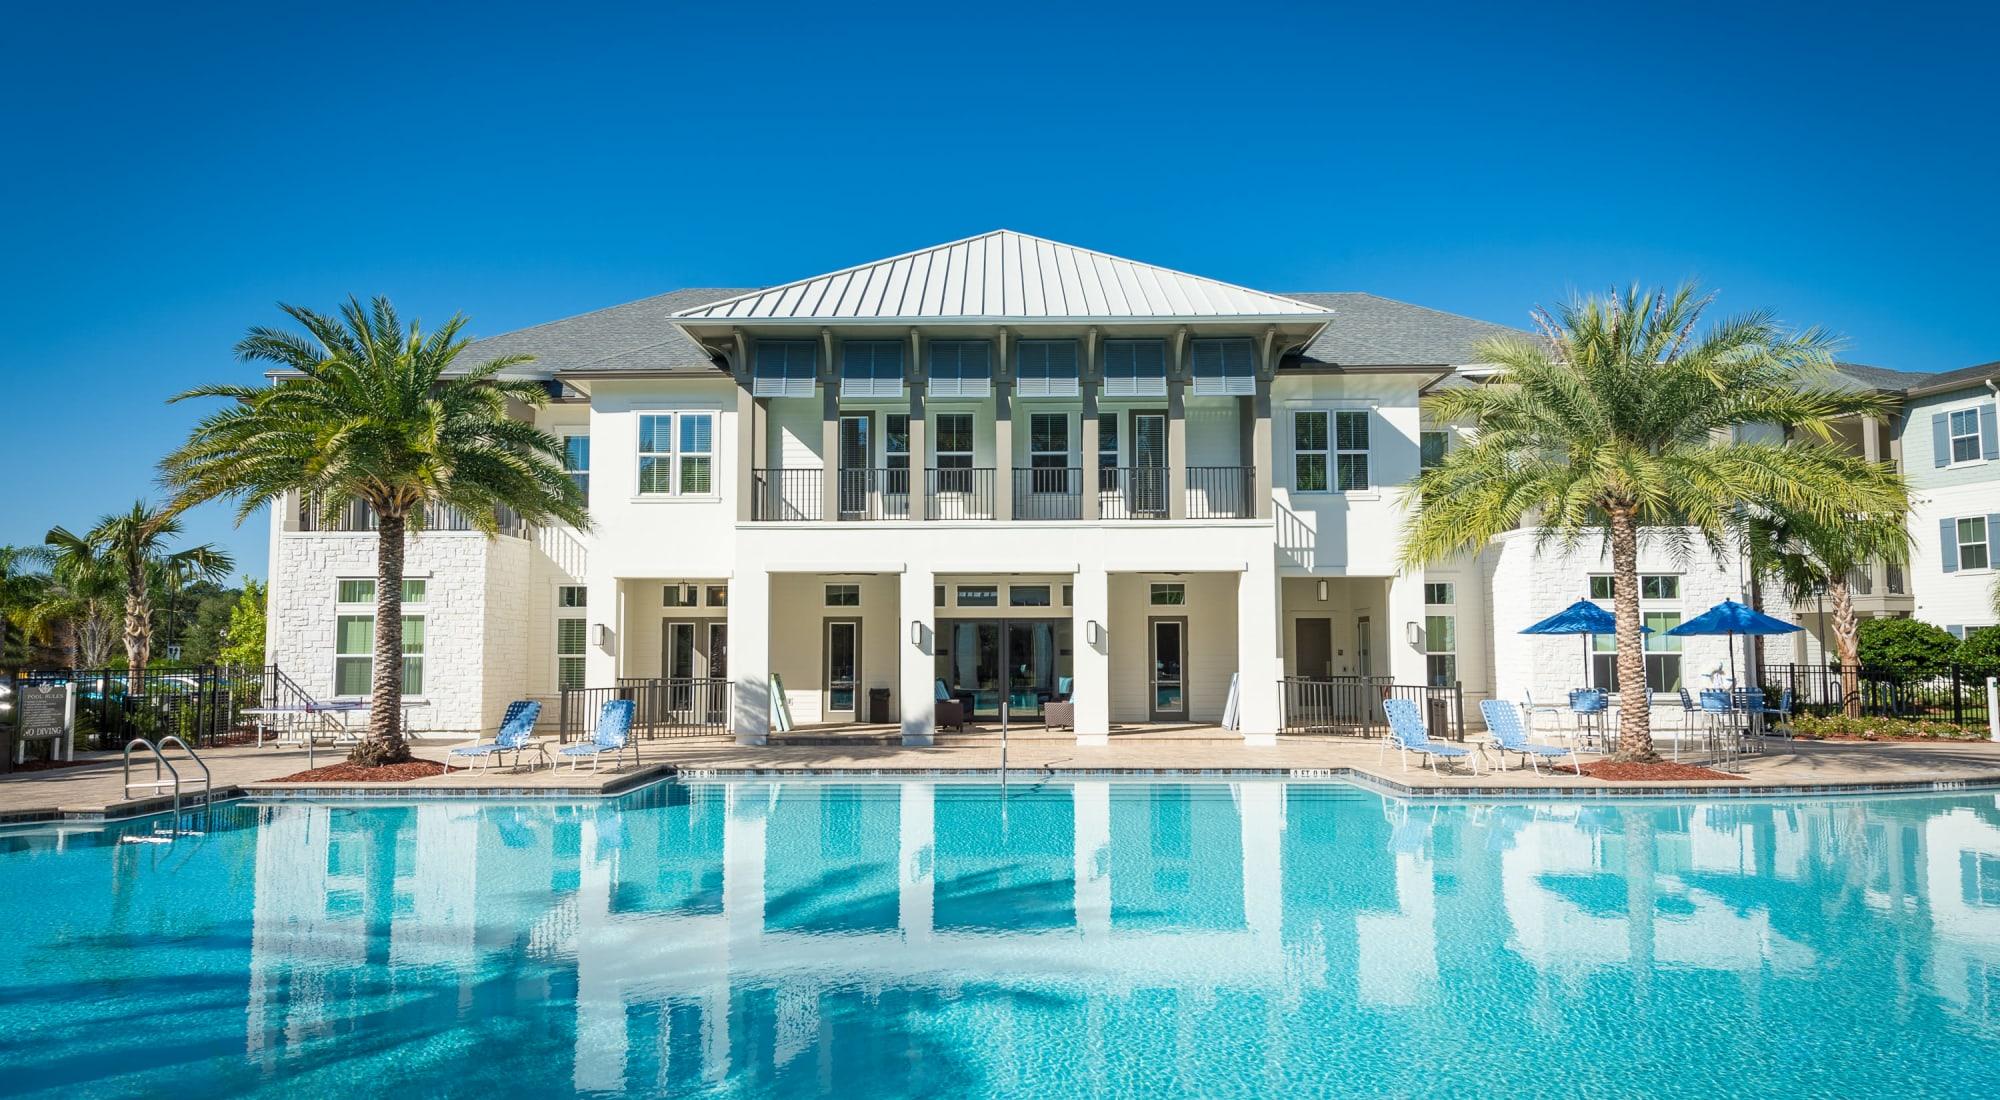 Apartments in Jacksonville, Florida at Alaqua